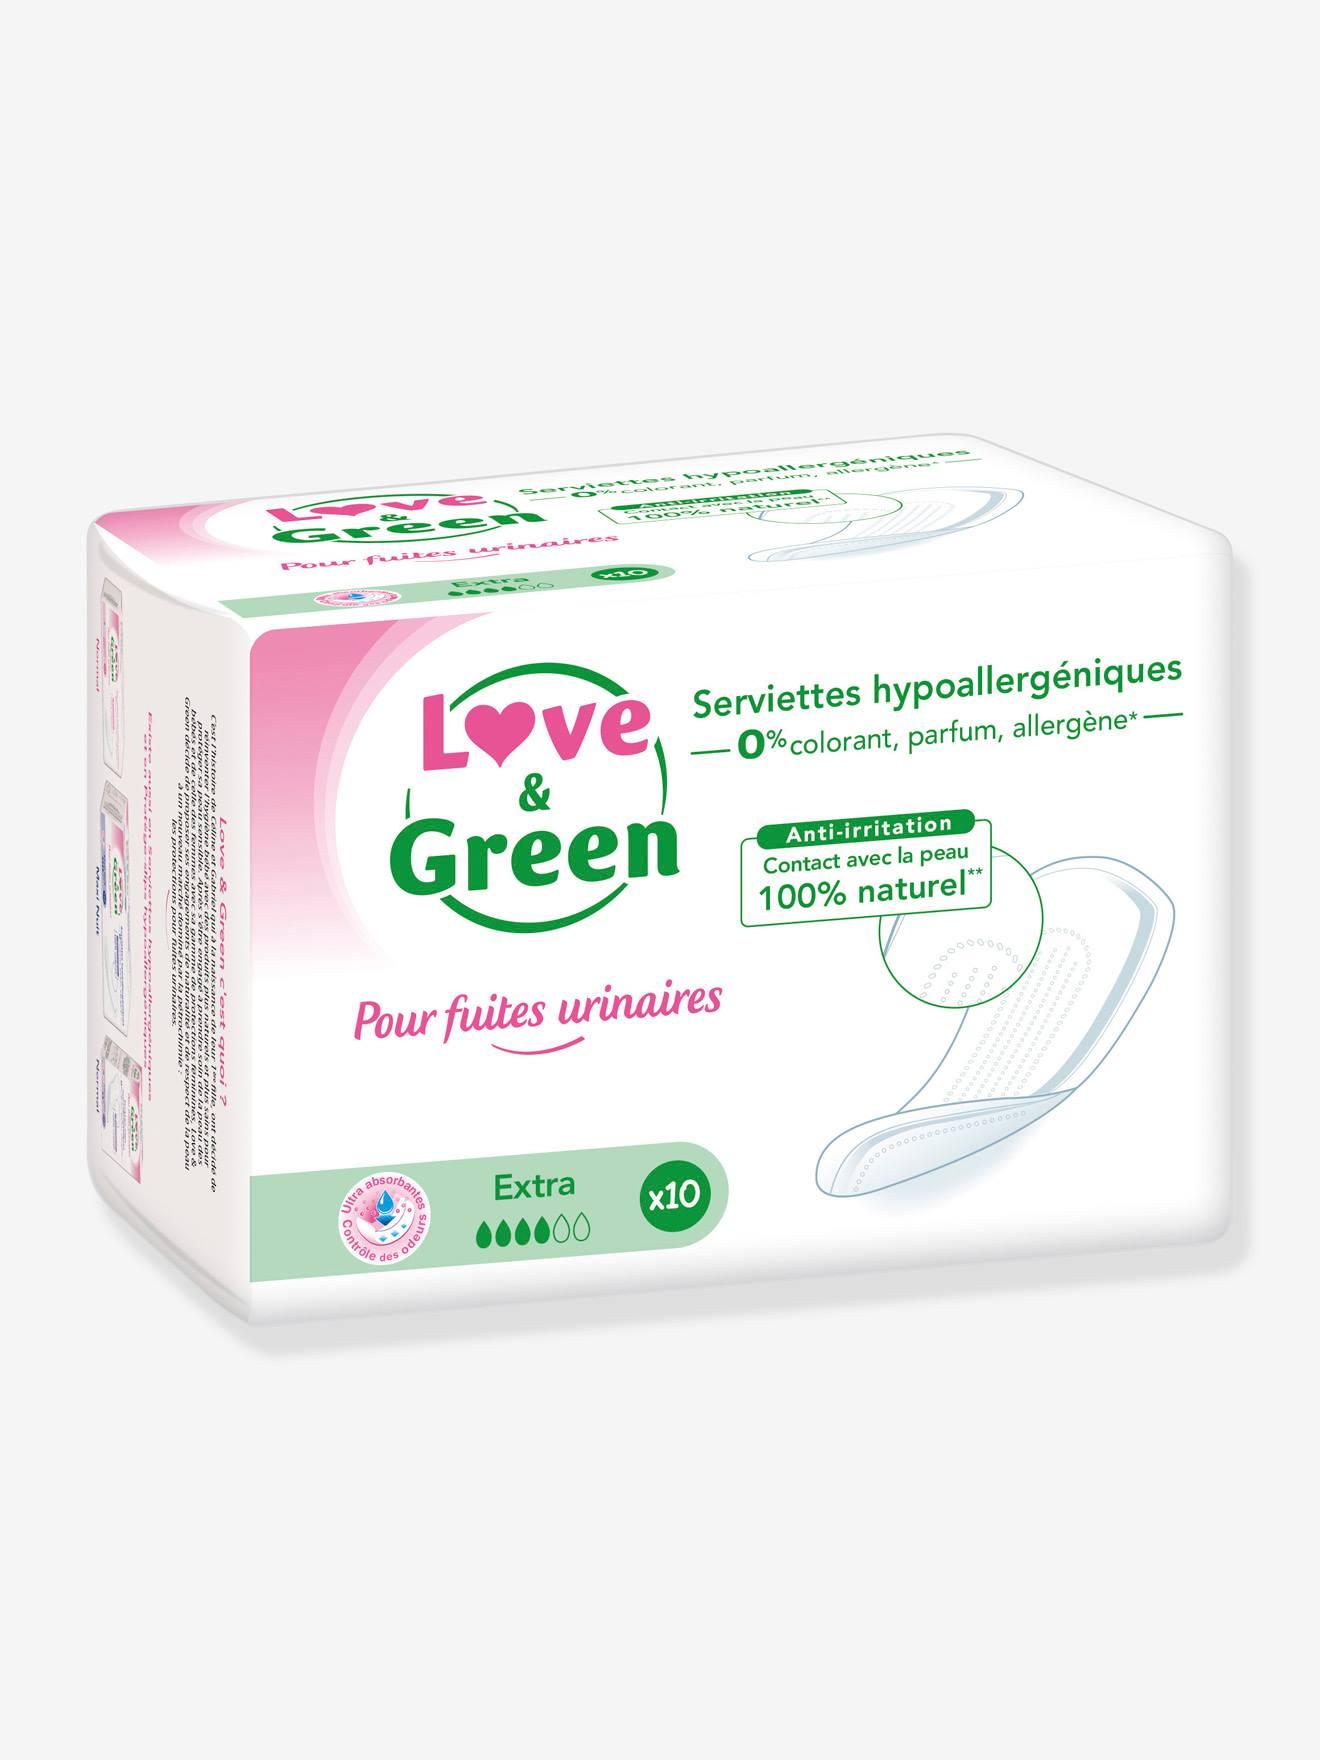 Loveandgreen Serviettes hygiéniques hypoallergéniques LOVE&GREEN Extra x10 pour fuites urinaires blanc